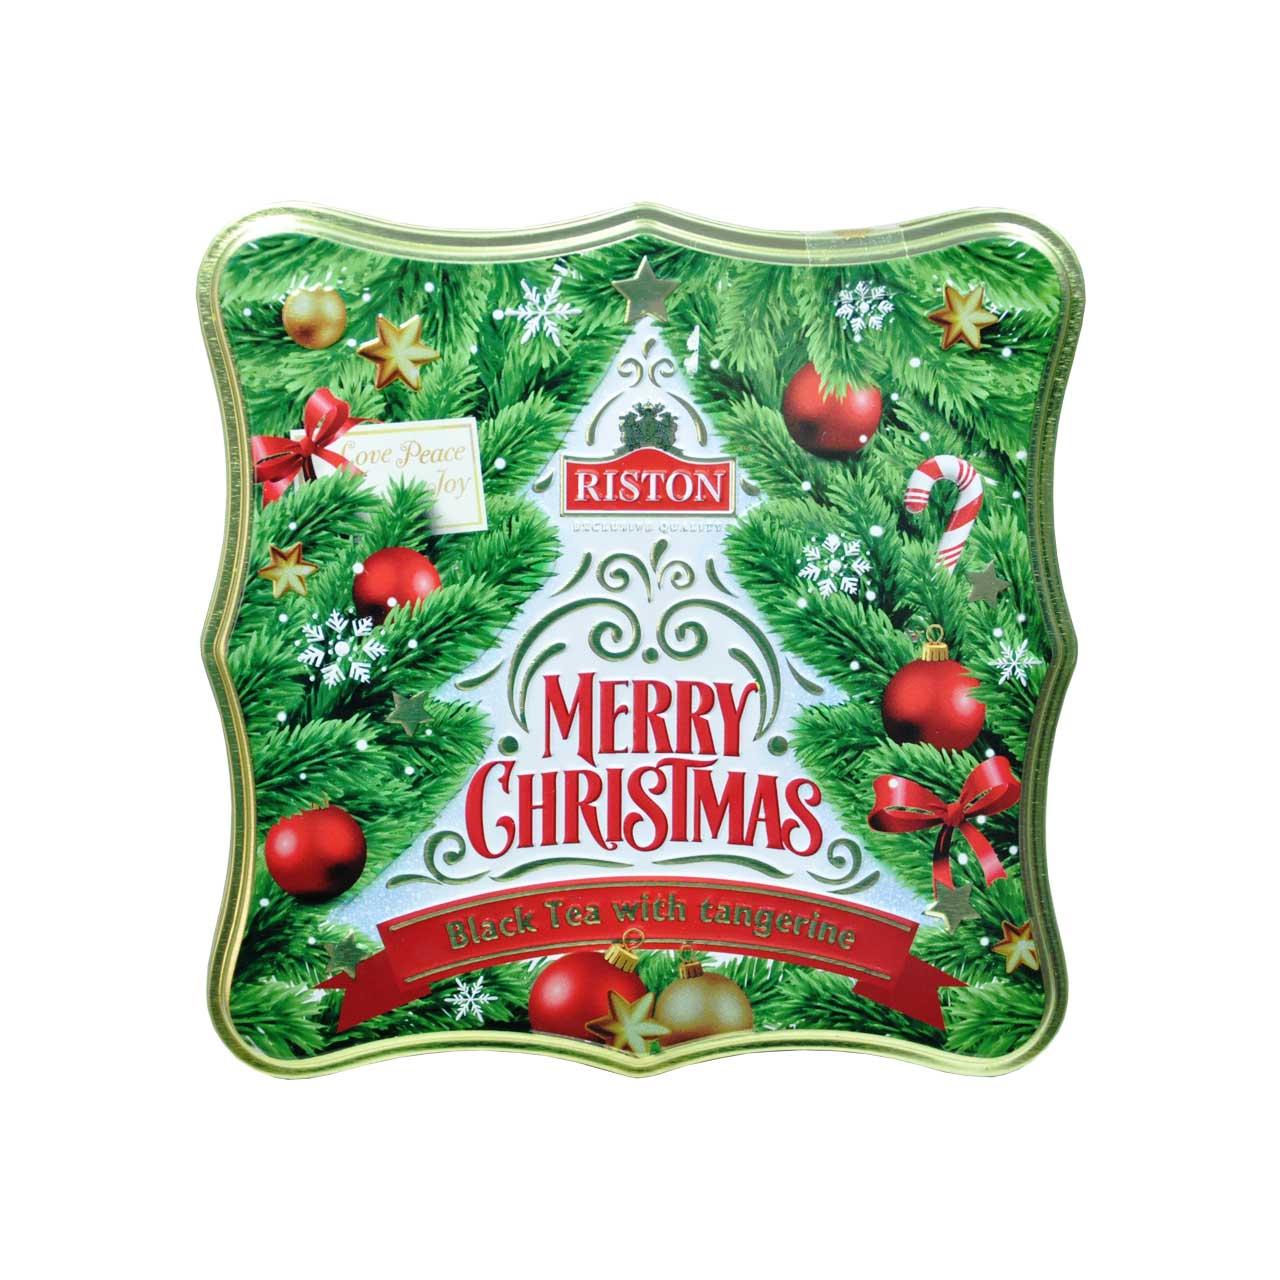 چای سیاه با نارنگی مری کریسمس ریستون – riston